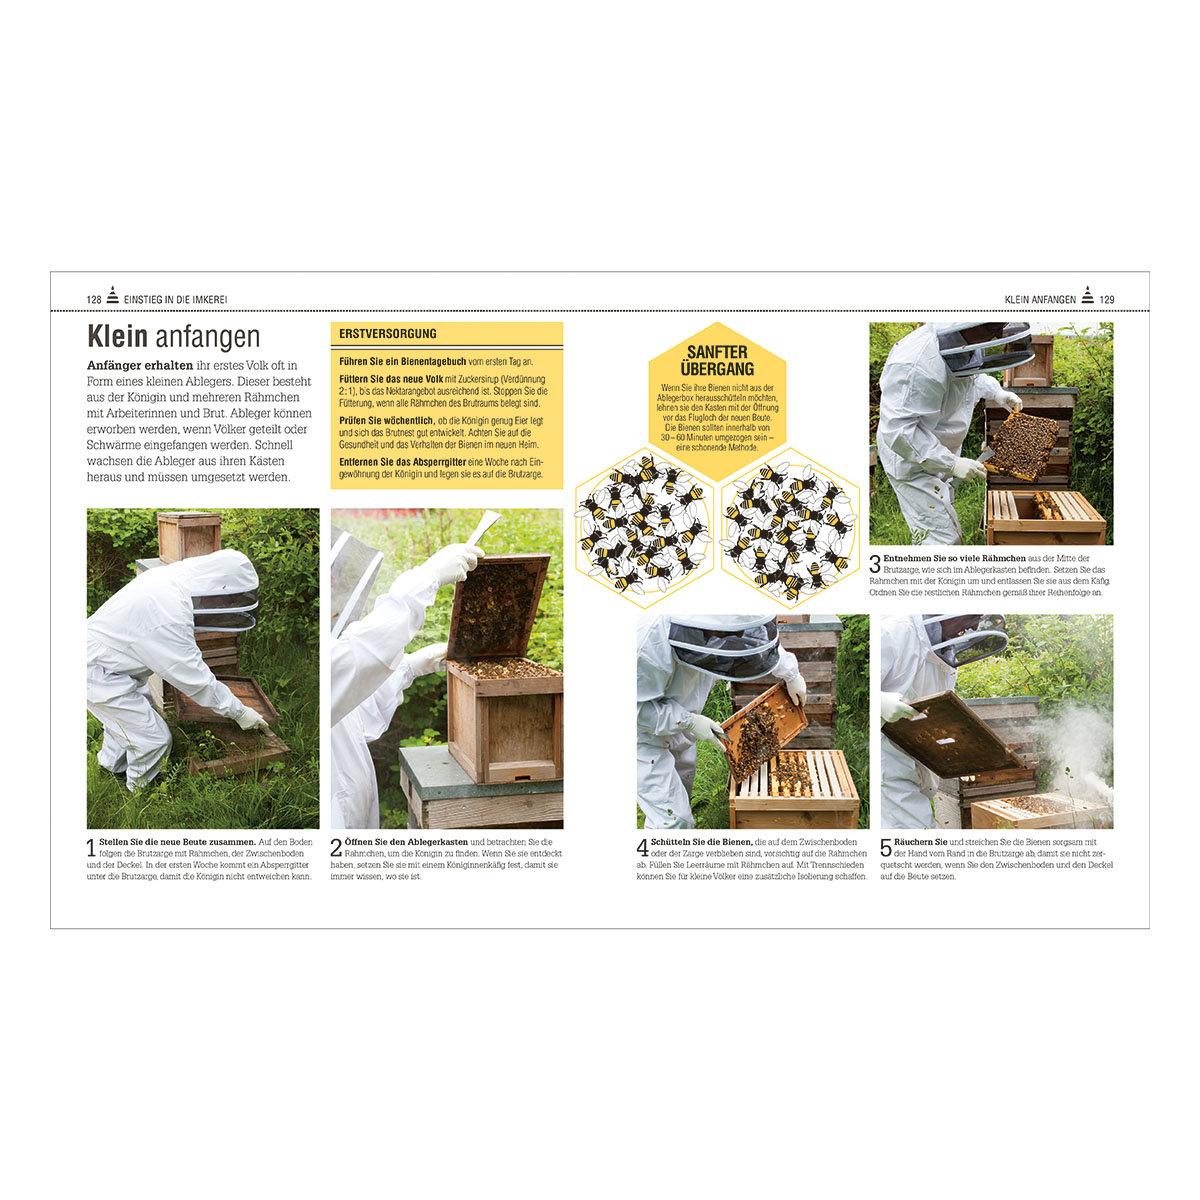 Das Bienen Buch | #2